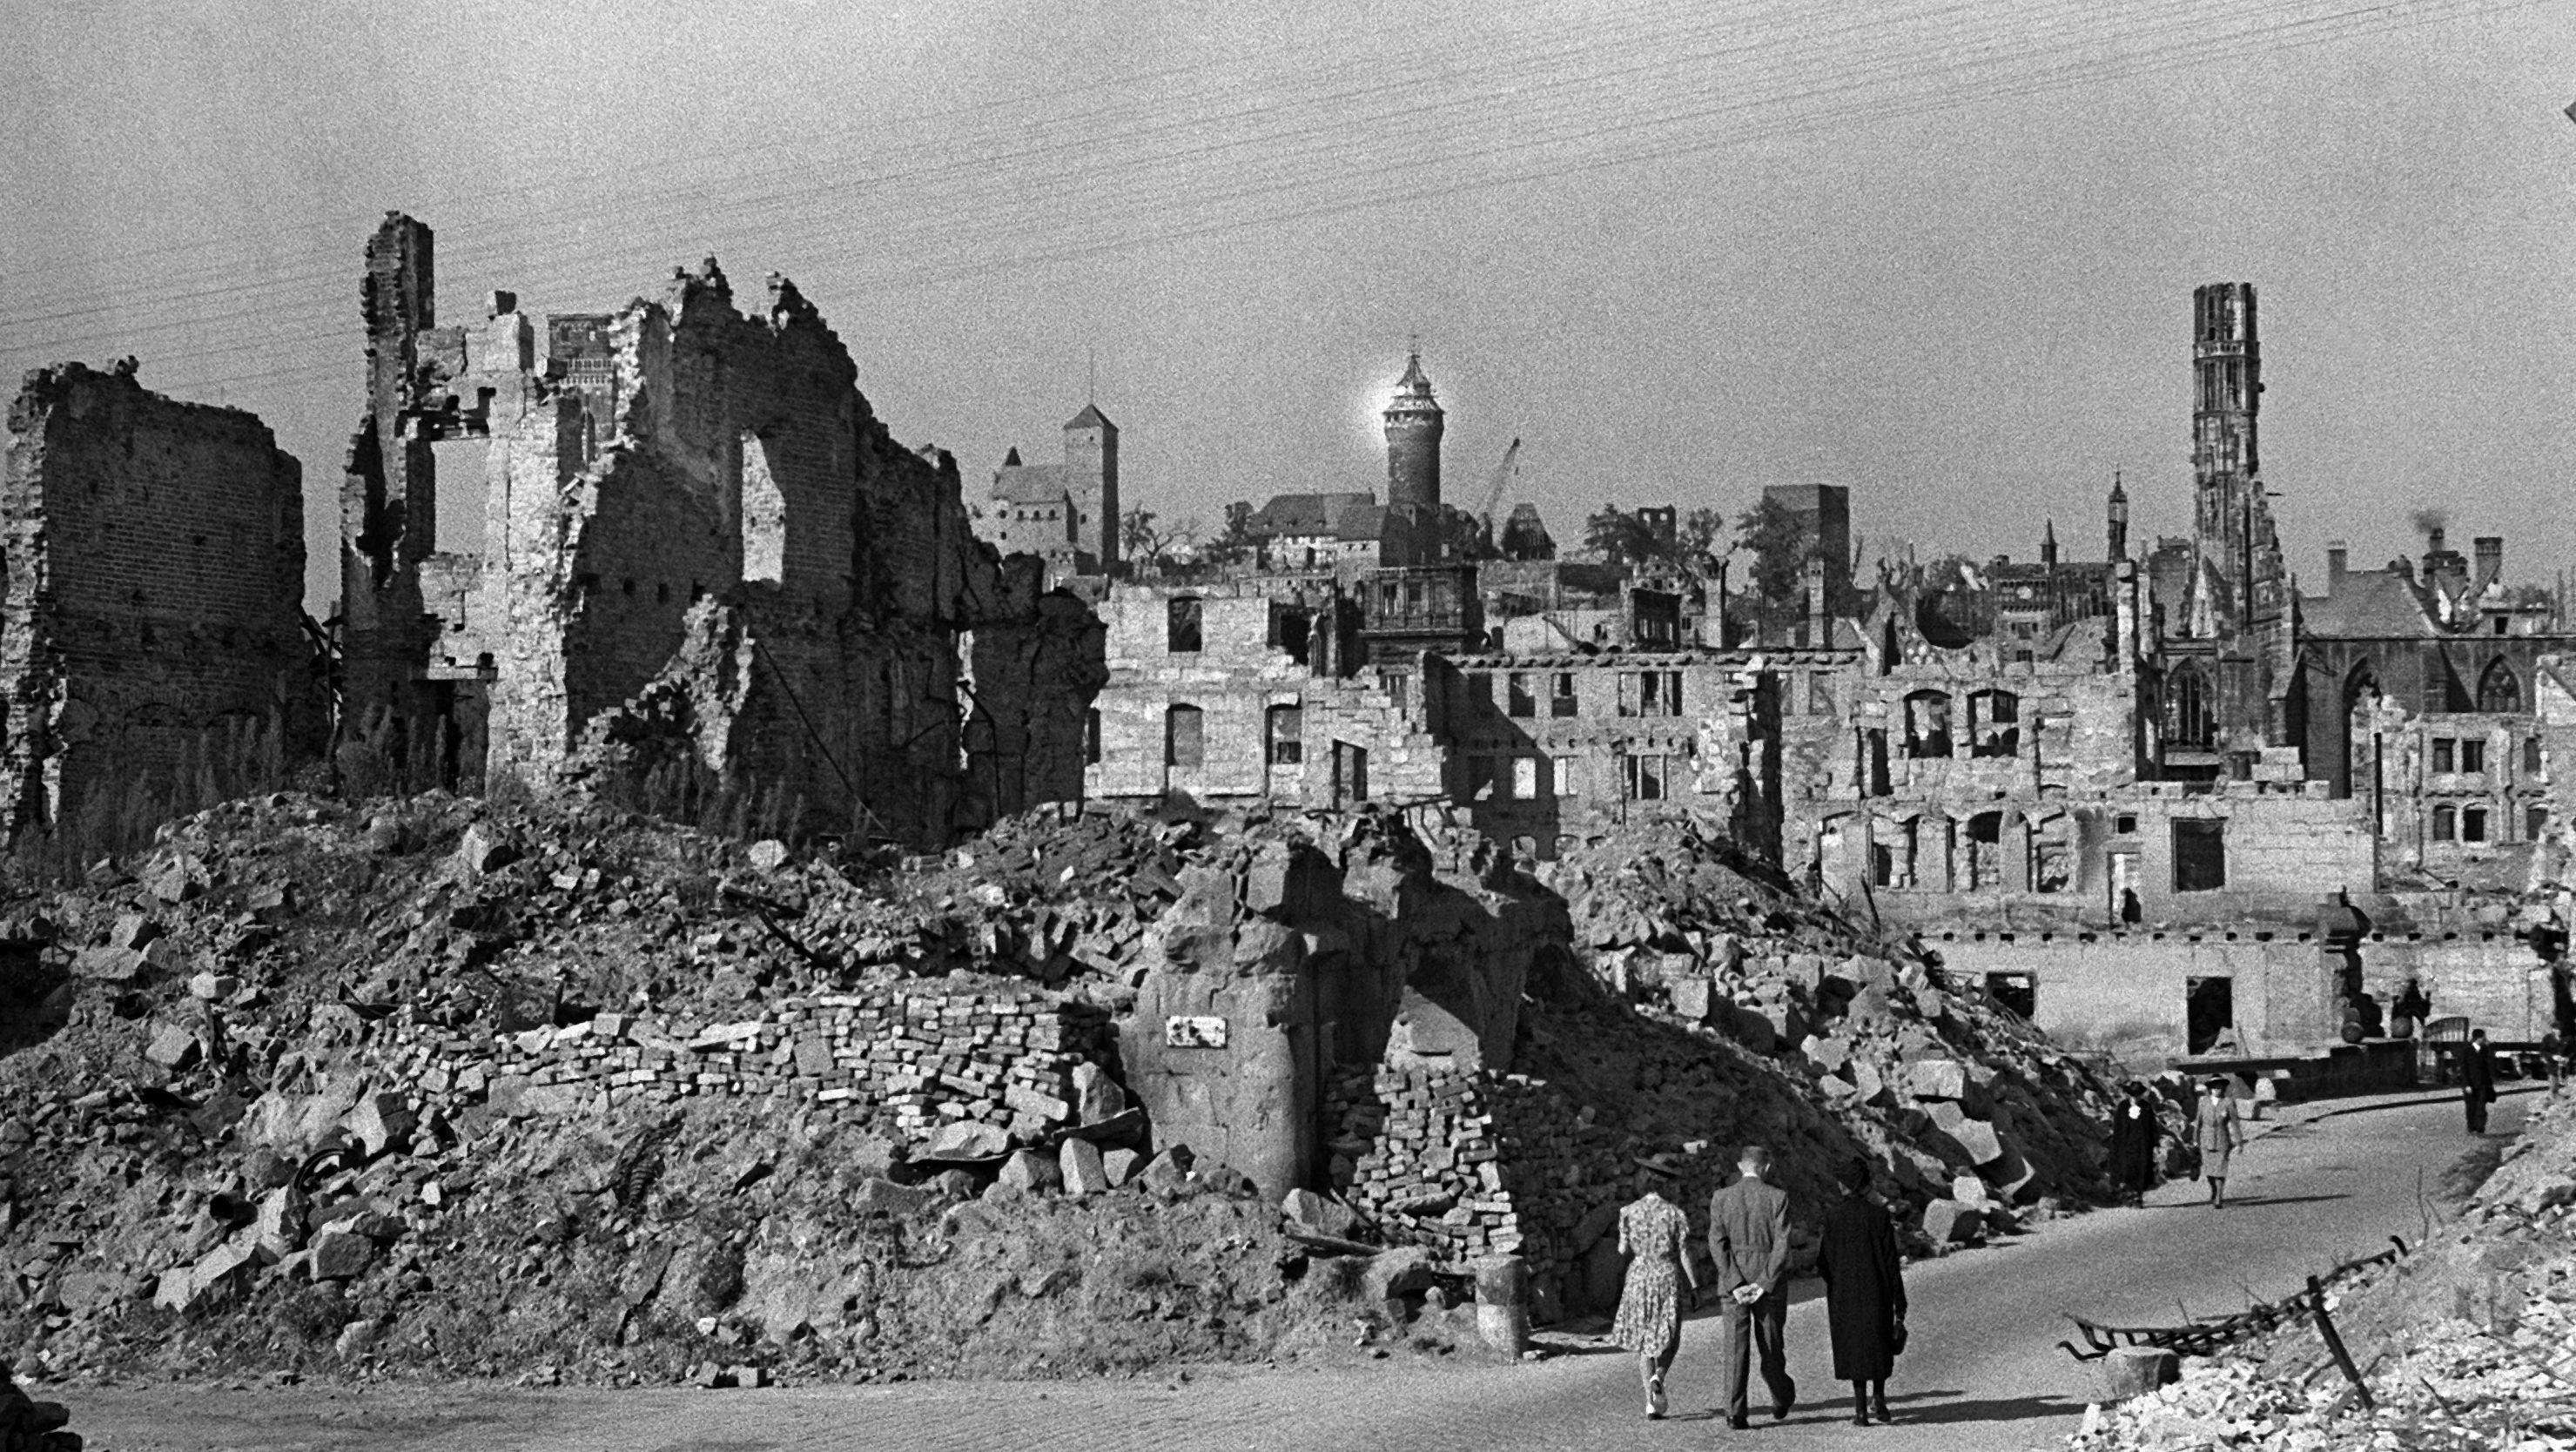 Das kriegszerstörte Nürnberg, im Hintergrund die Burg